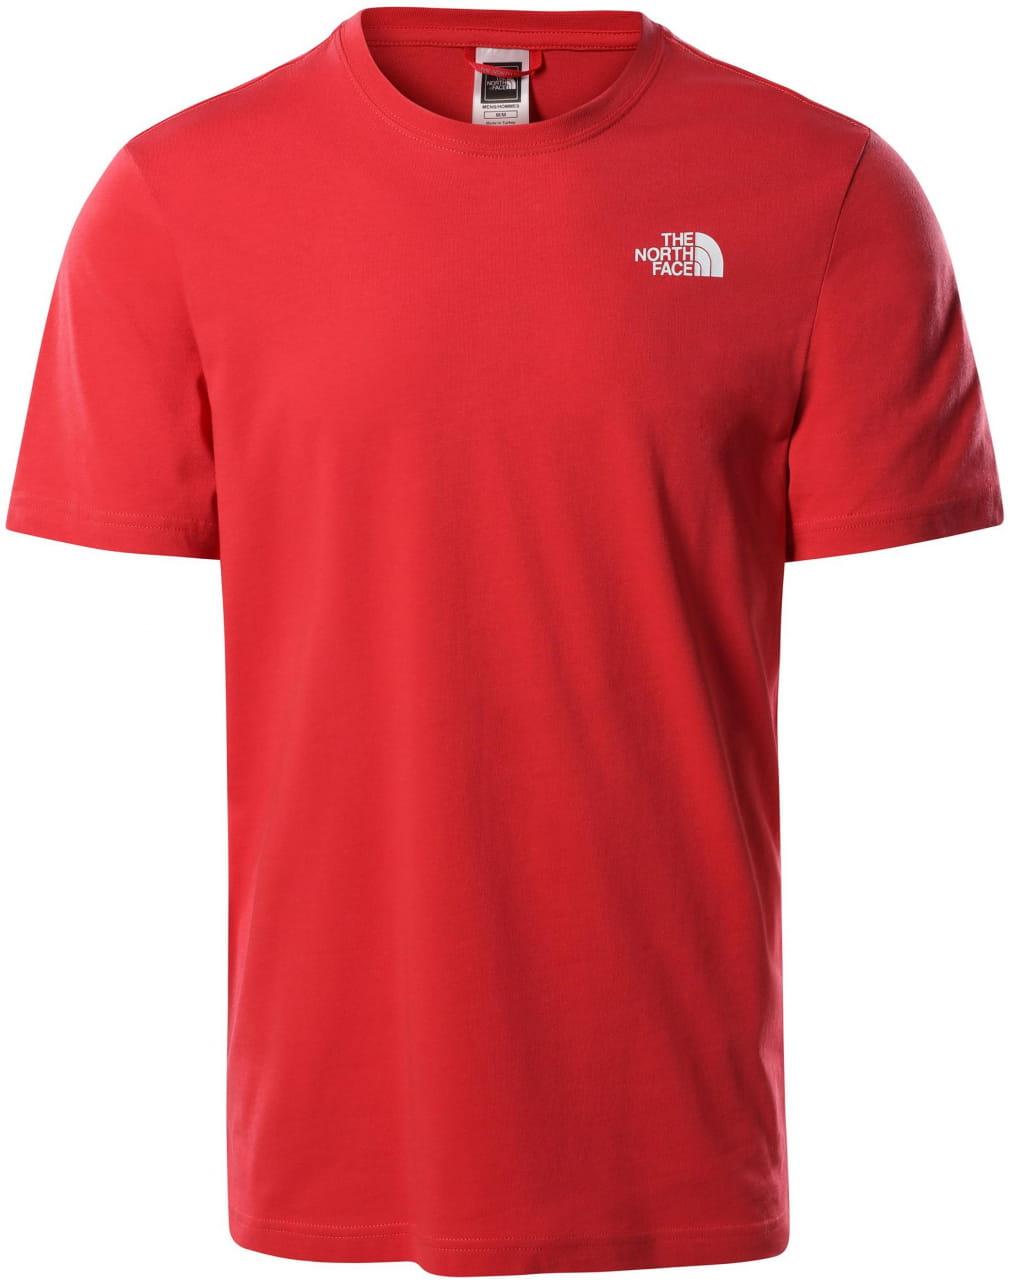 Pánské tričko s krátkými rukávy The North Face Men's S/S Redbox Tee